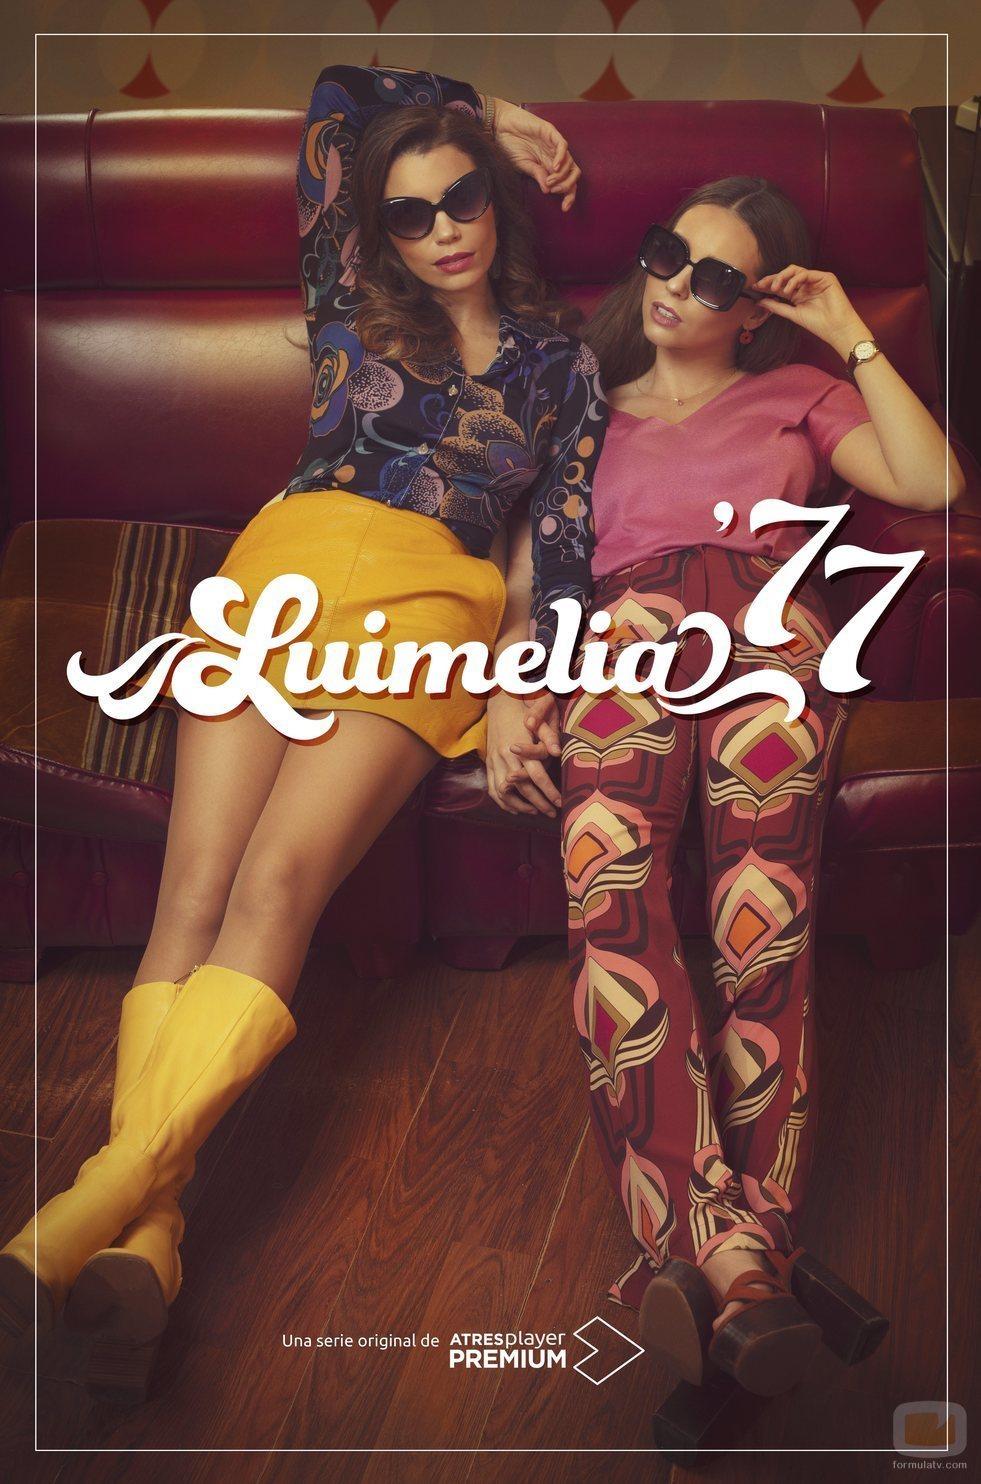 Cartel promocional de '#Luimelia 77'